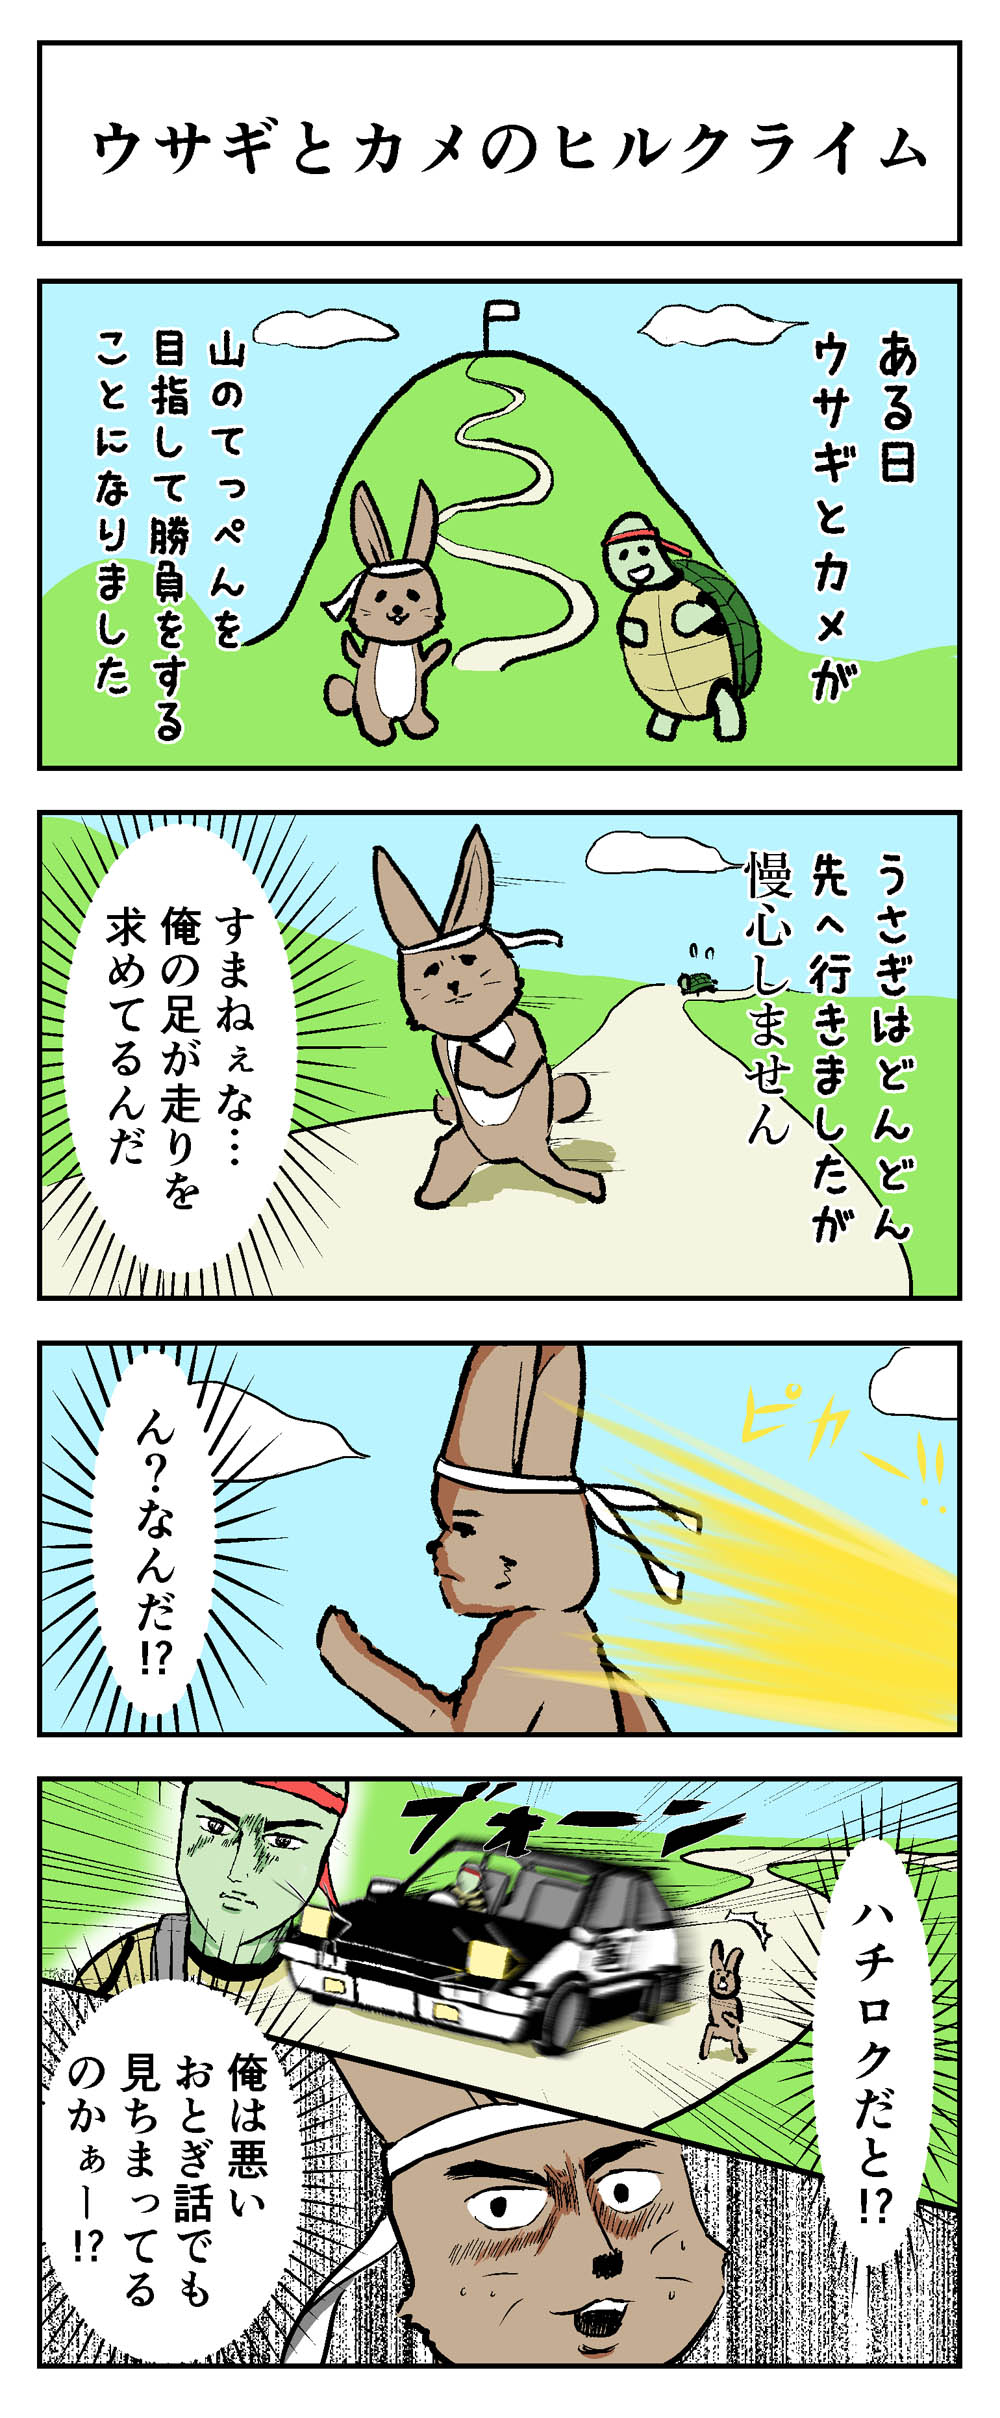 ウサギとカメのヒルクライム